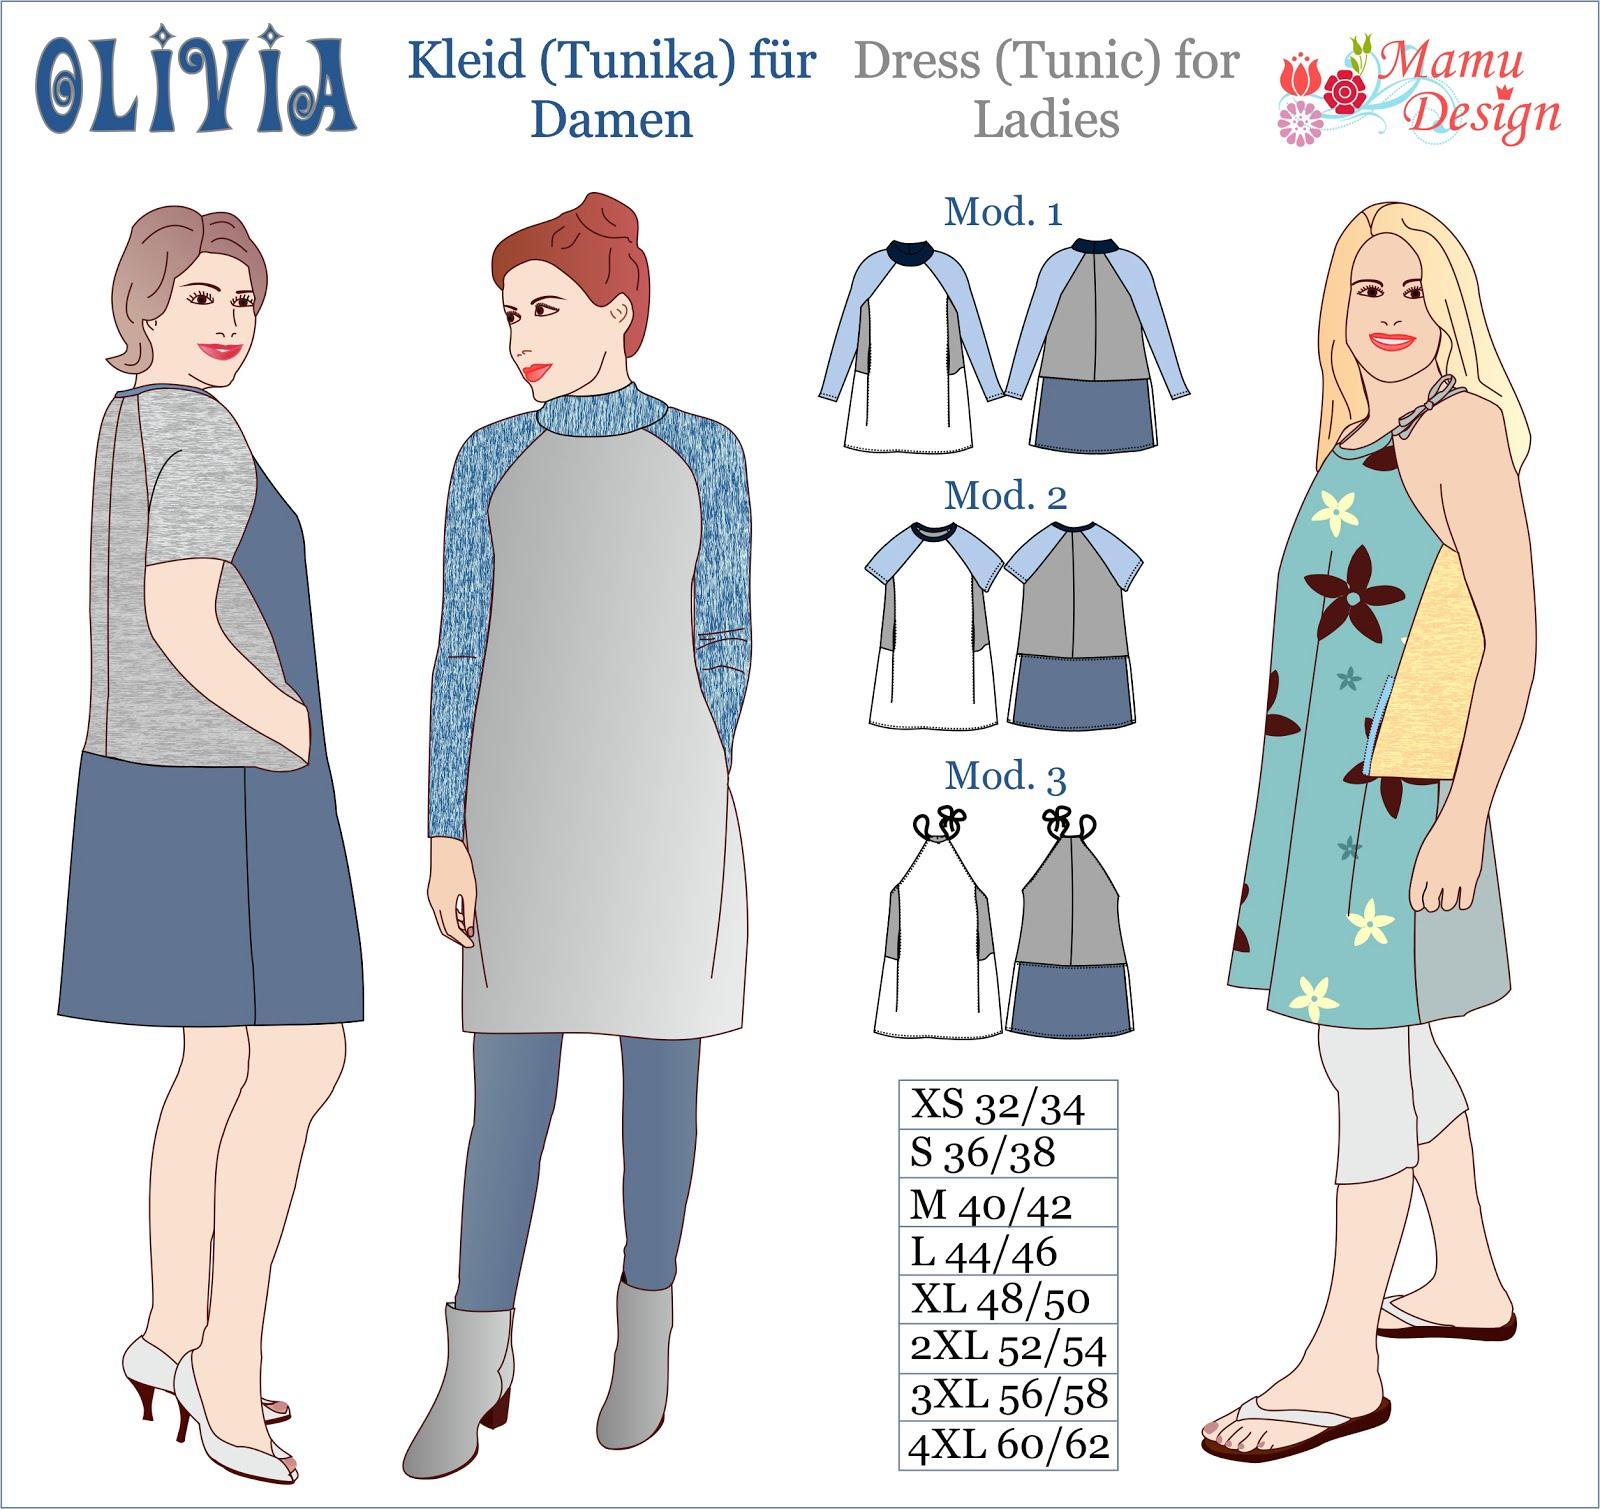 OLIVIA Kleid Tunika